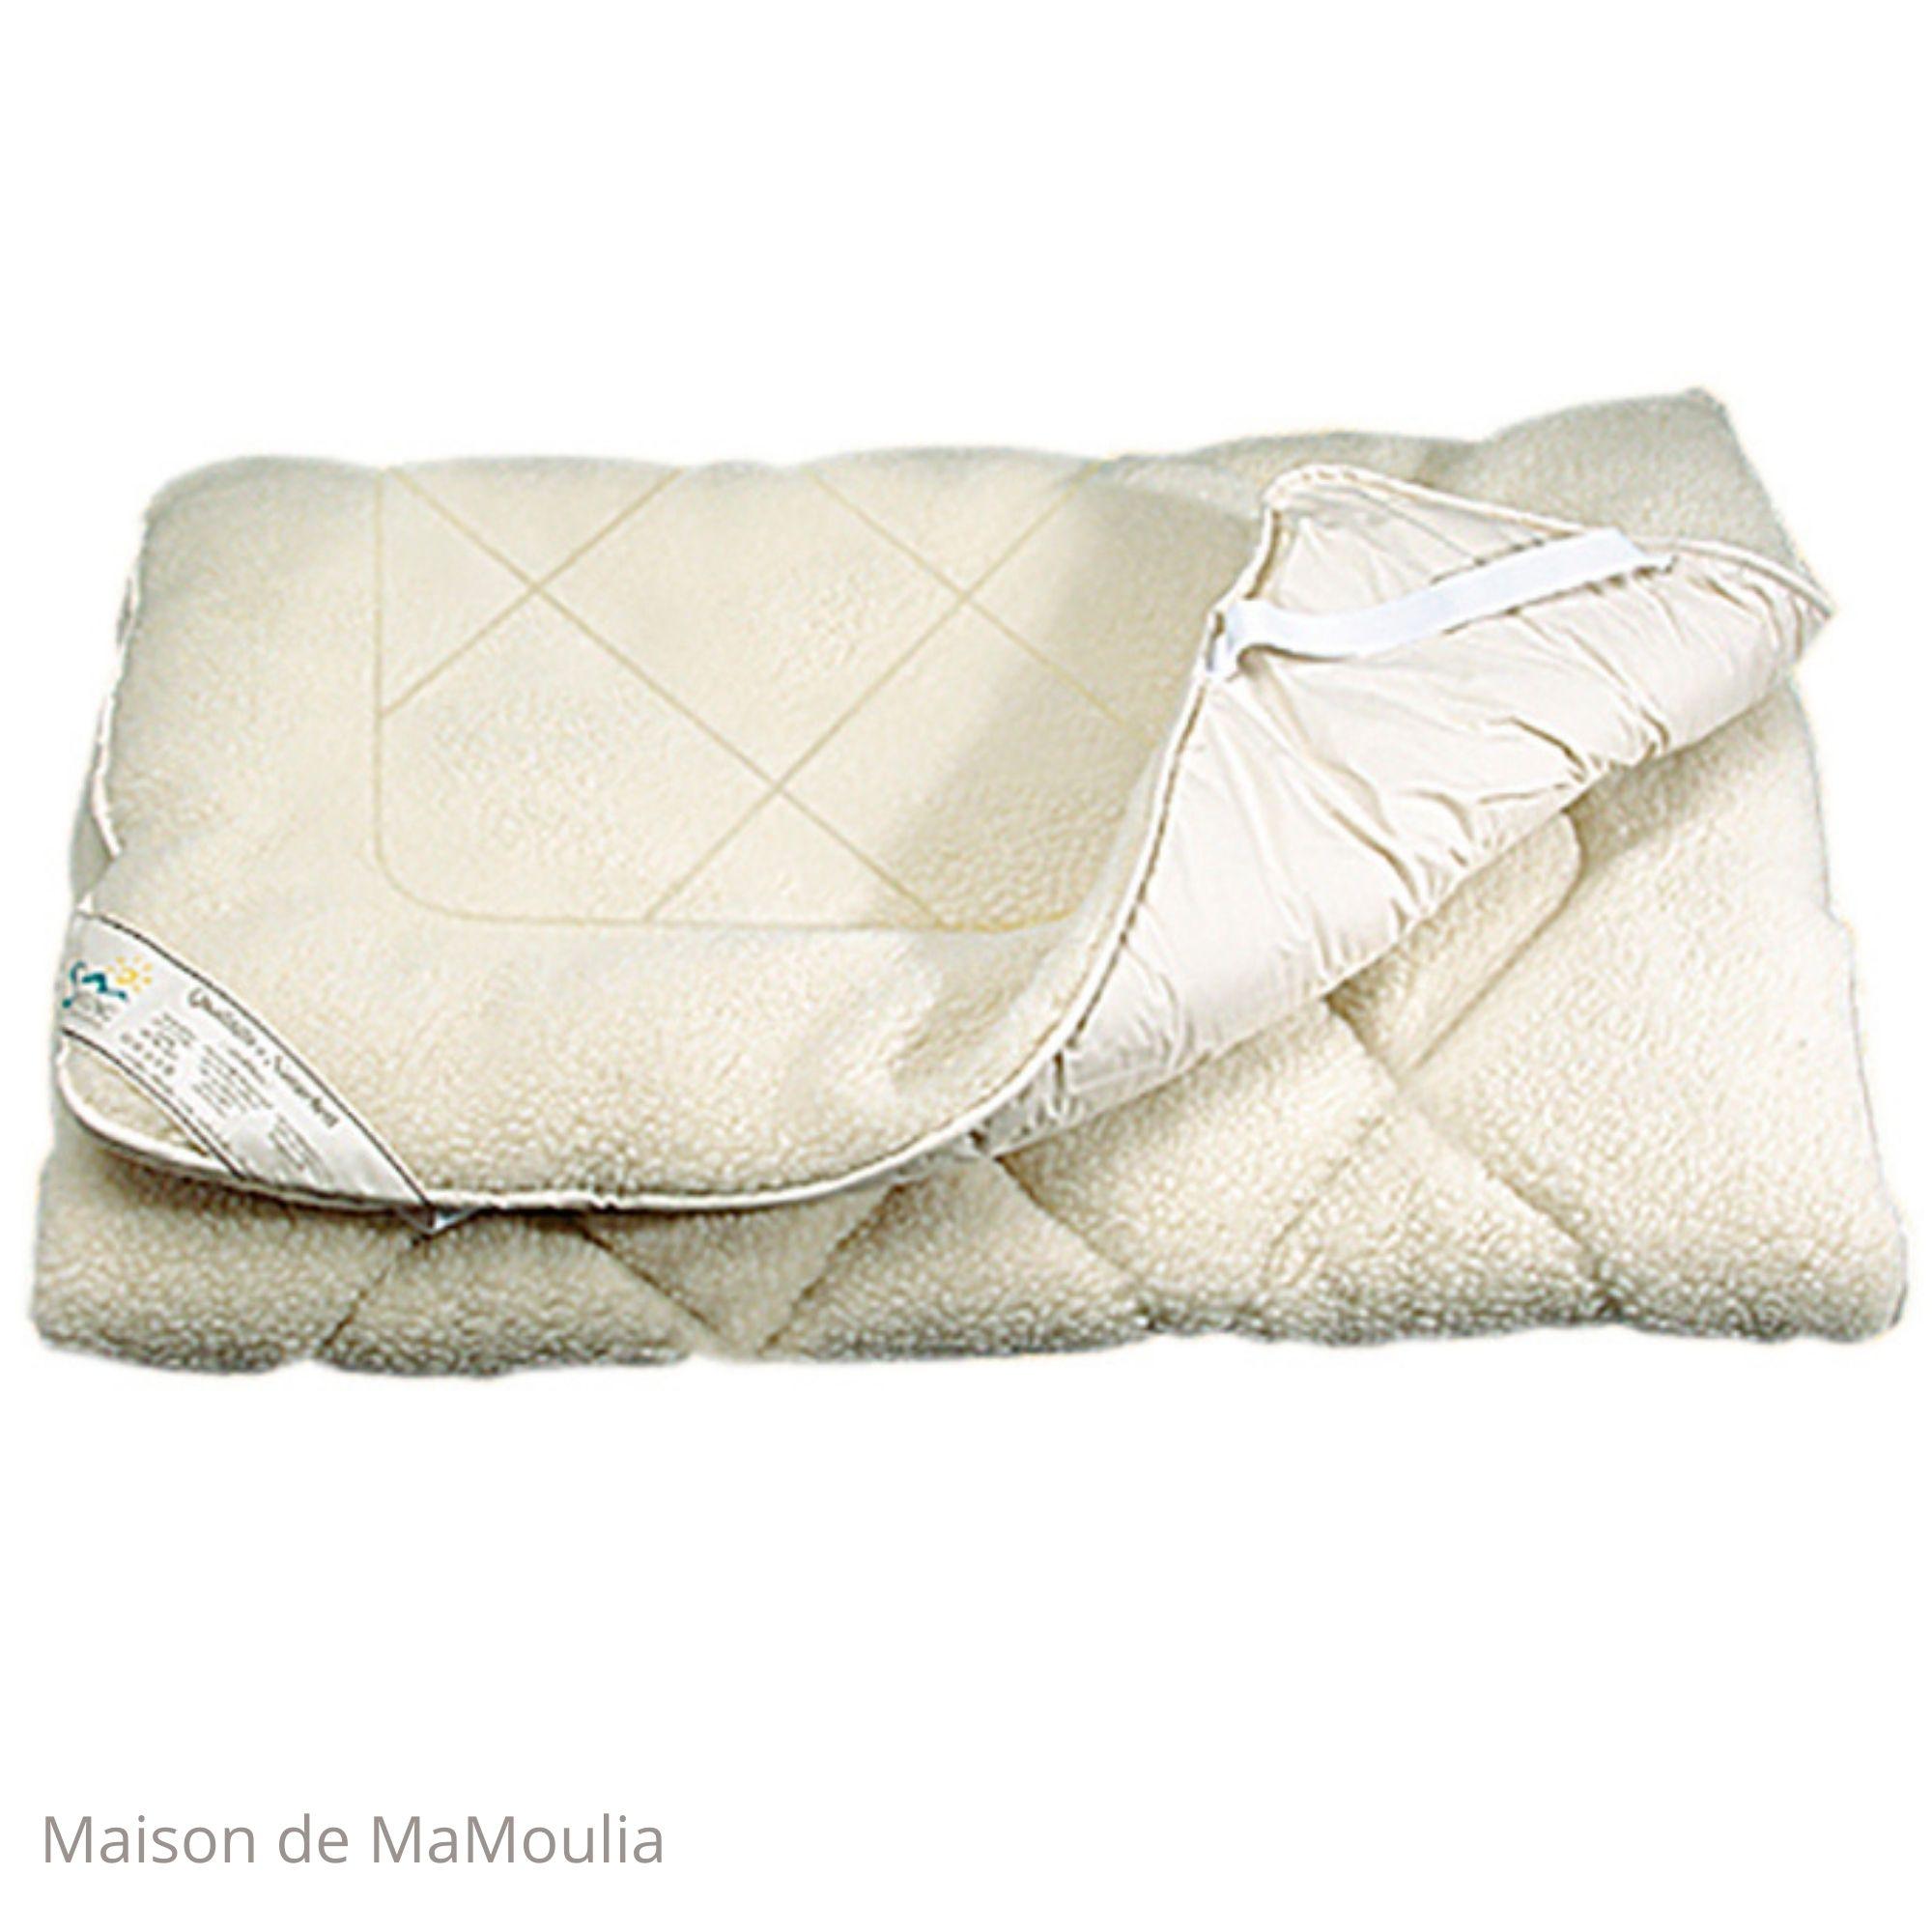 SALING - Sur-matelas double face - pure laine/coton bio -90x200cm